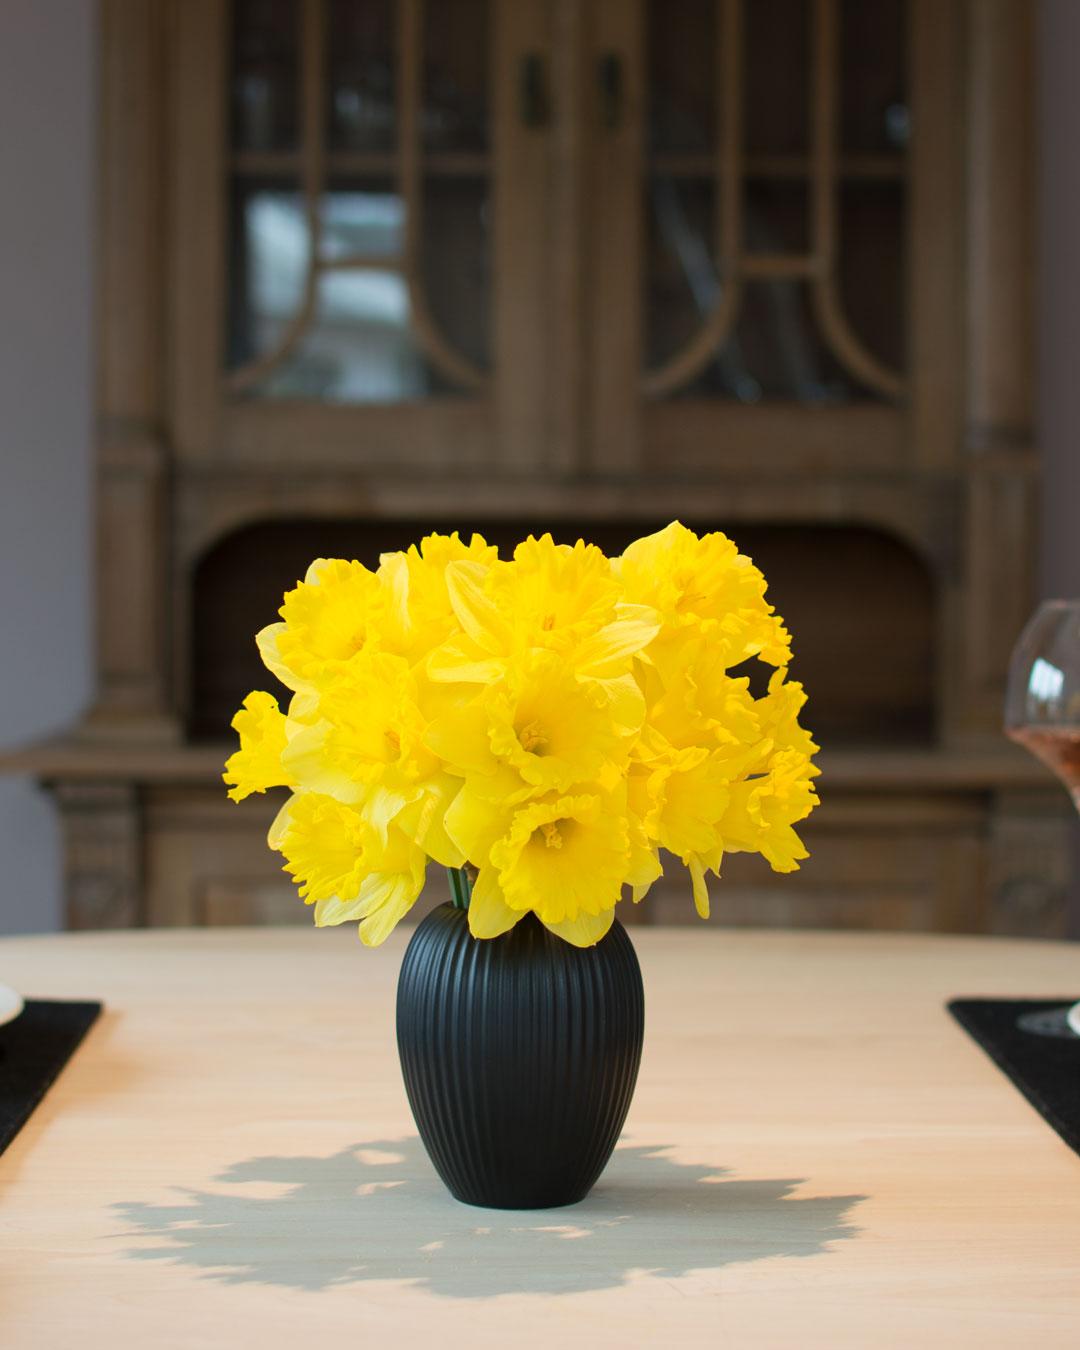 Sort vase fra Michael Andersen Keramik Model 4767 i 12 cm med påskeliljer på spisebord